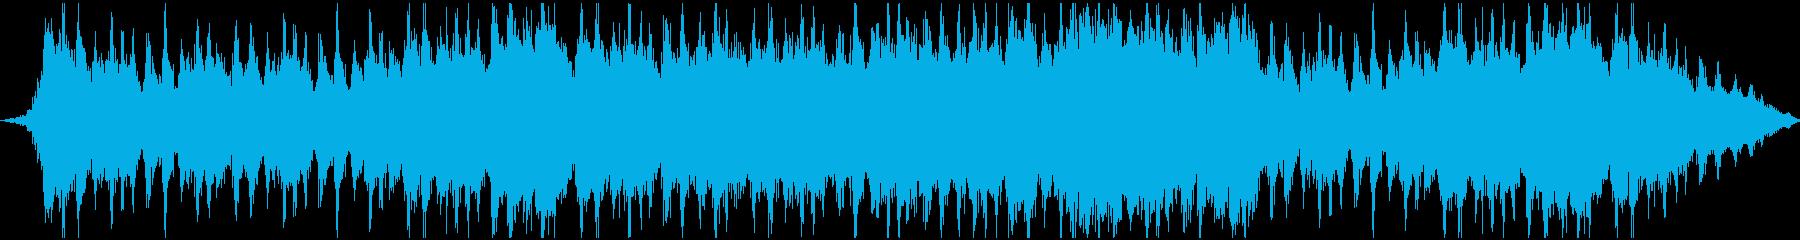 戦闘をイメージしたオーケストラの再生済みの波形